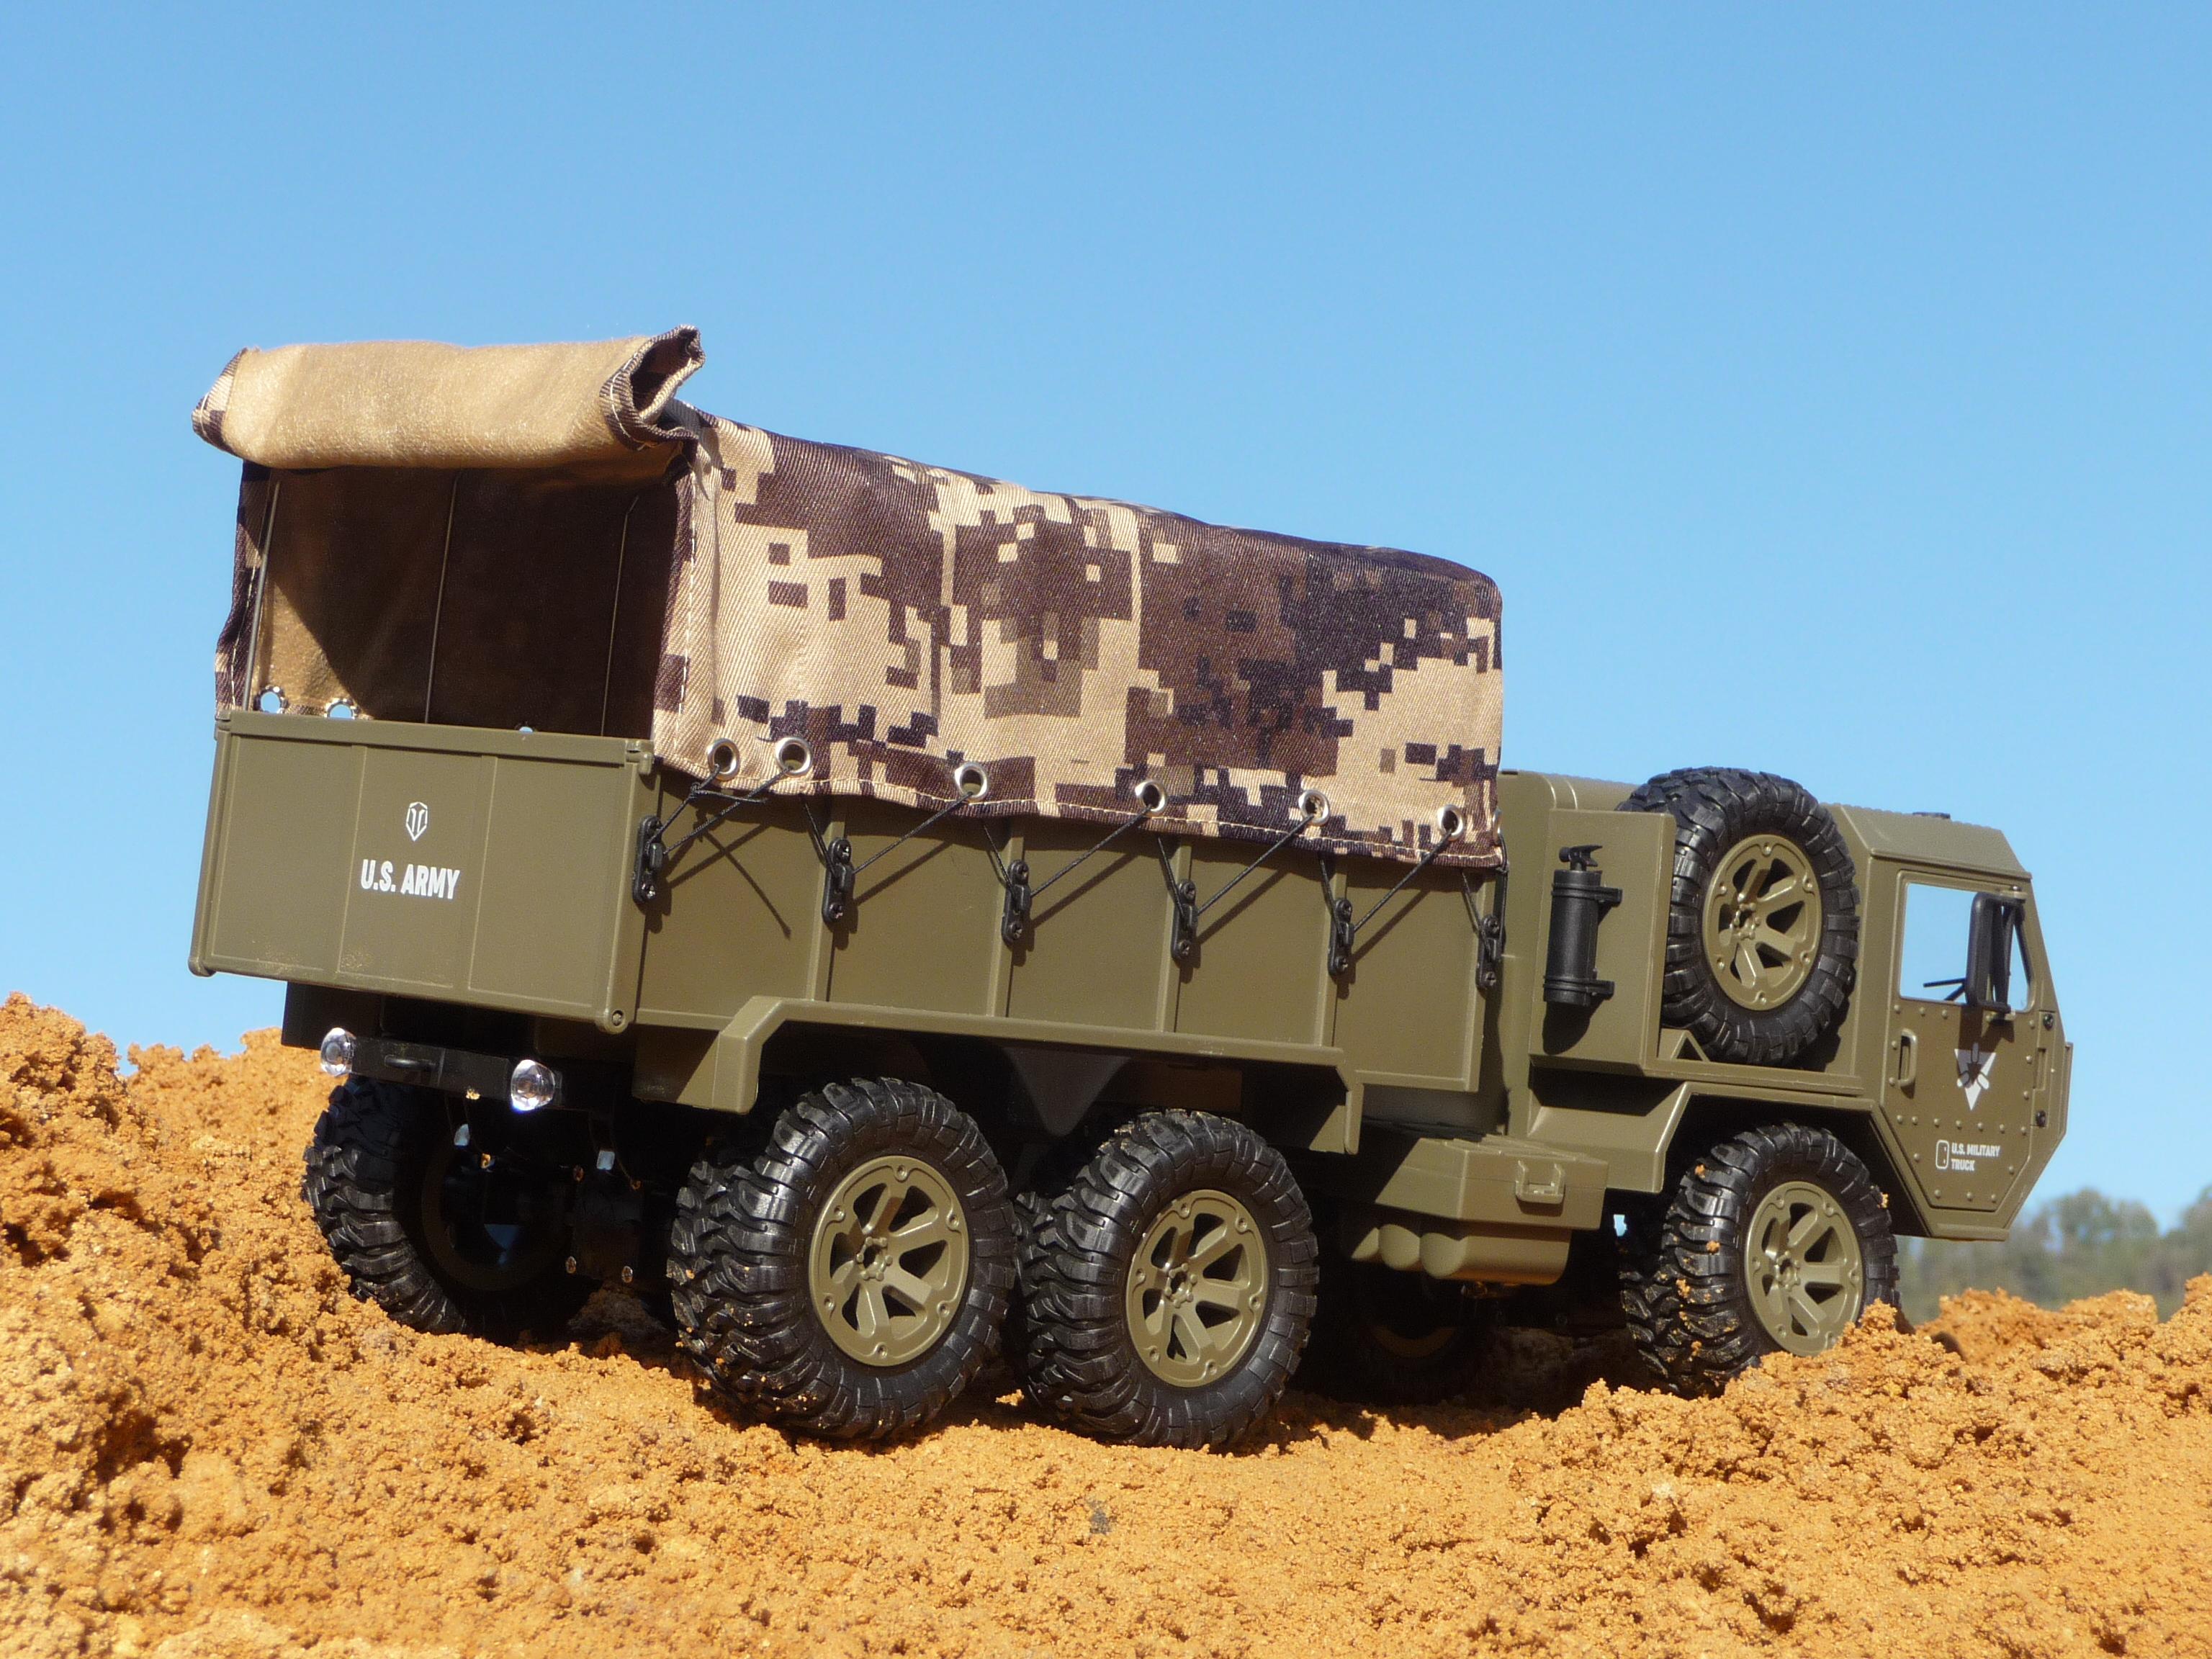 RC Militär US ARMY Truck mit LICHT /& AKKU Länge 47cm Ferngesteuert 2,4GHz 7071